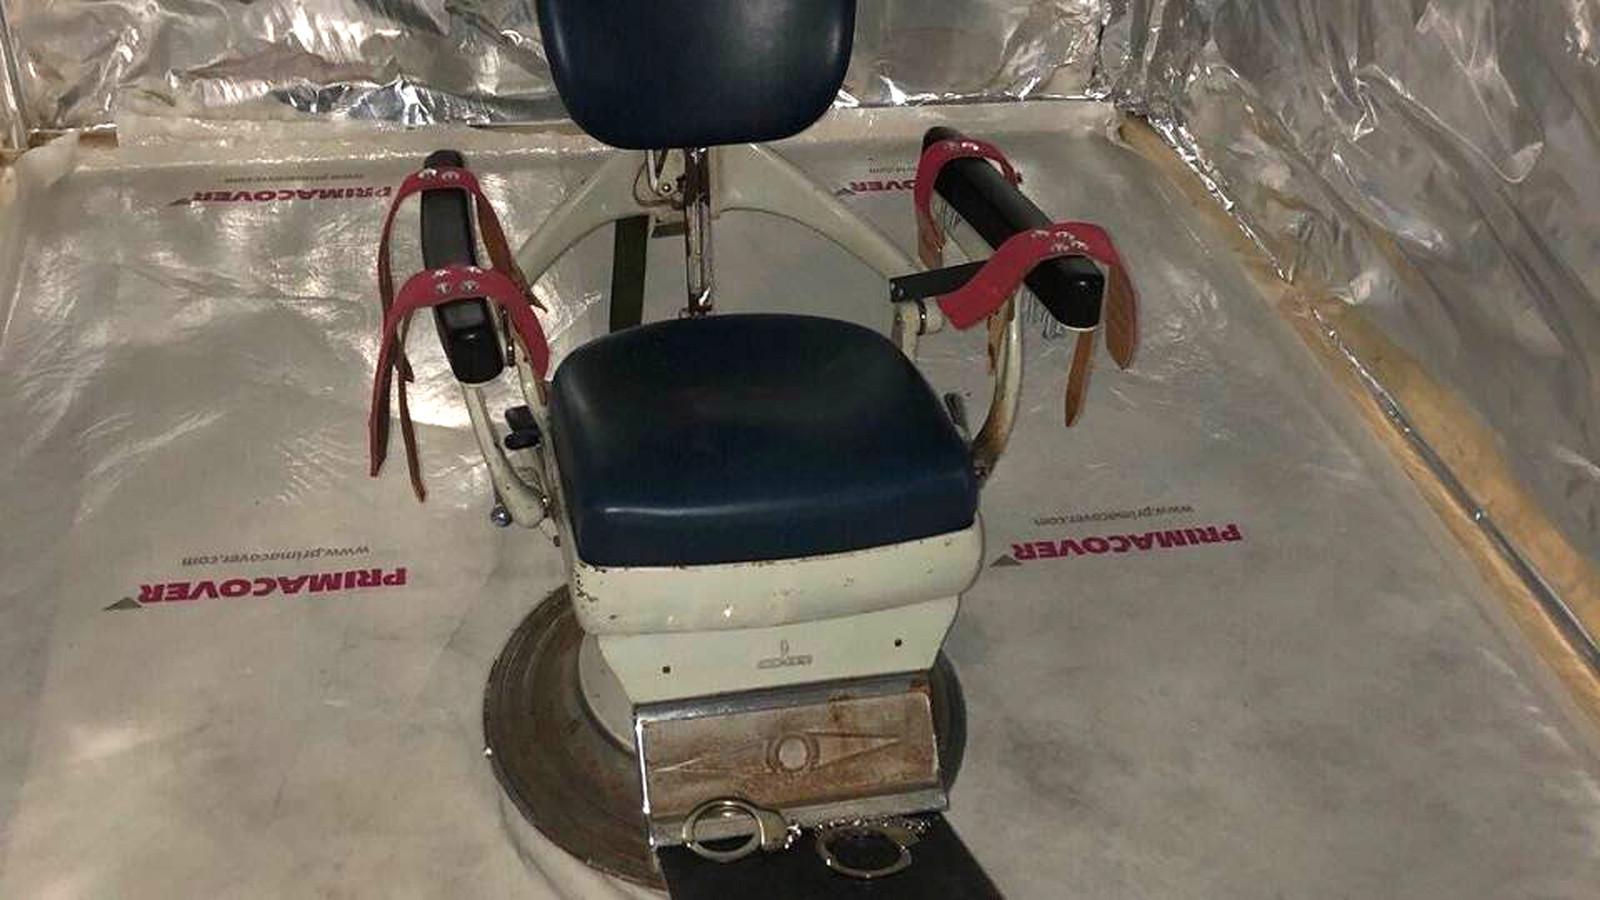 Een van de containers was ingericht als martelkamer, voorzien van tal van gereedschappen en een tandartsstoel waarop een slachtoffer kon worden vastgebonden.